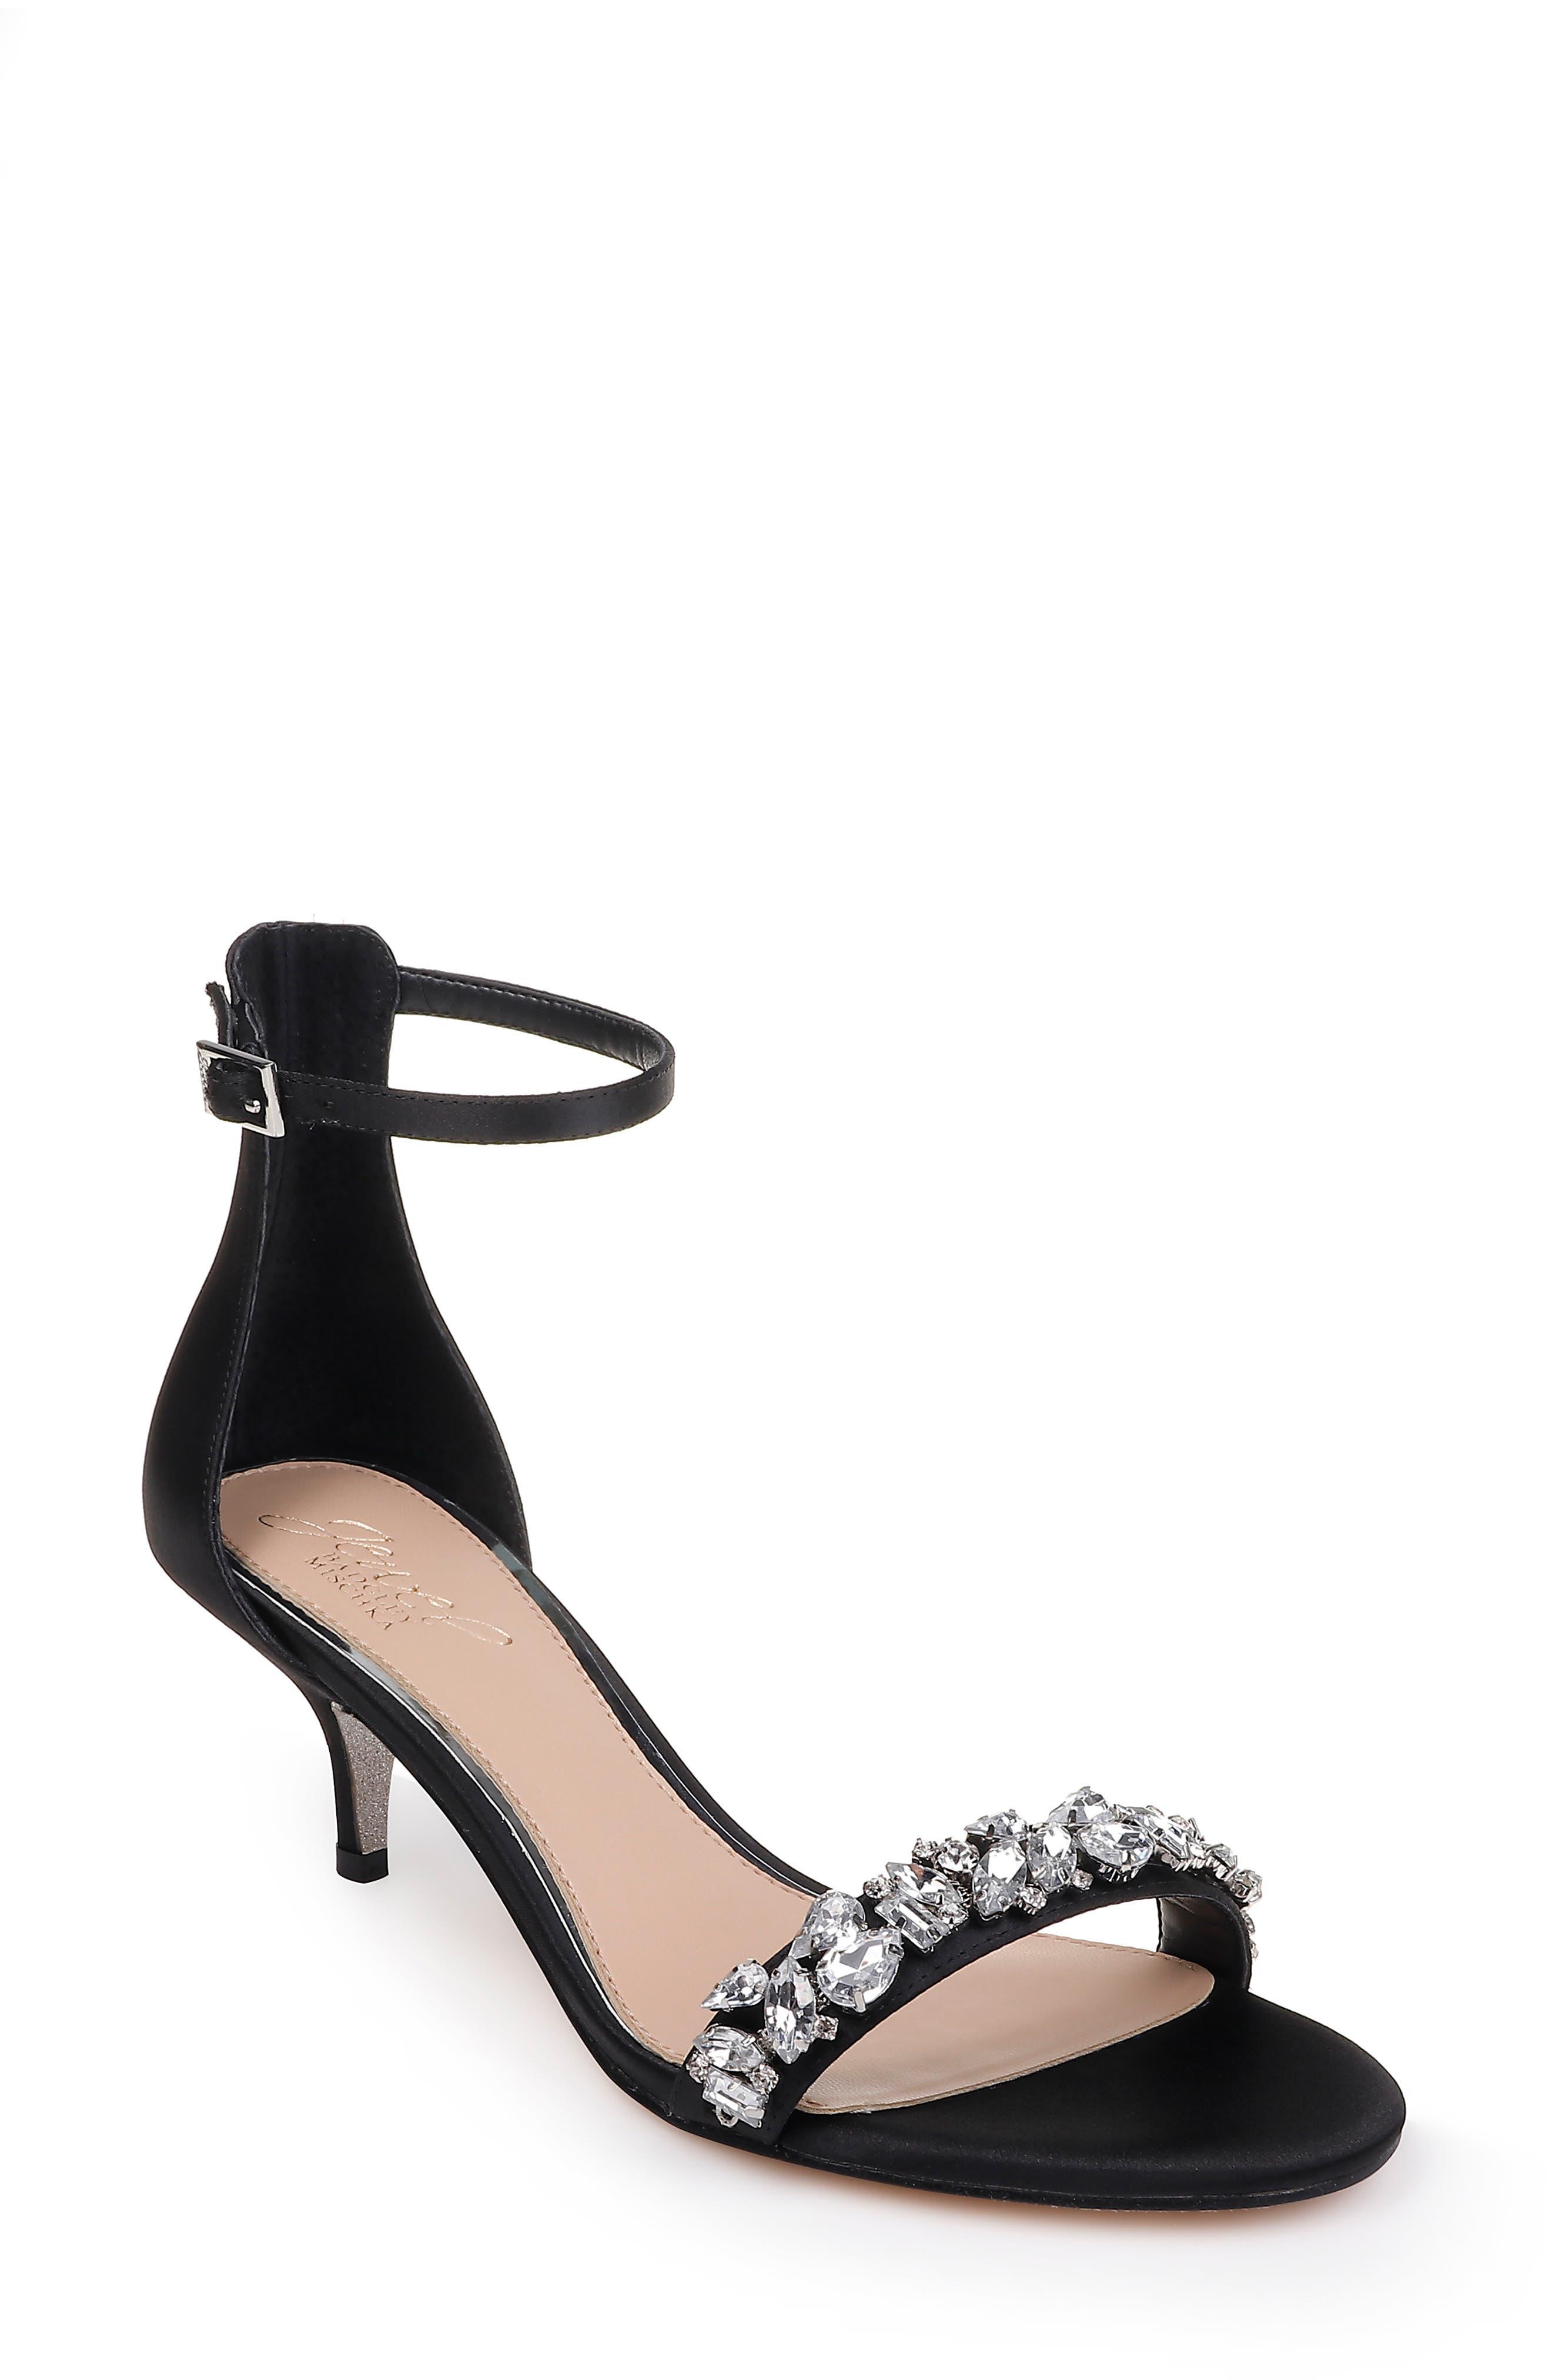 JEWEL BADGLEY MISCHKA Dash Embellished Halo Strap Sandal, Main, color, BLACK SATIN